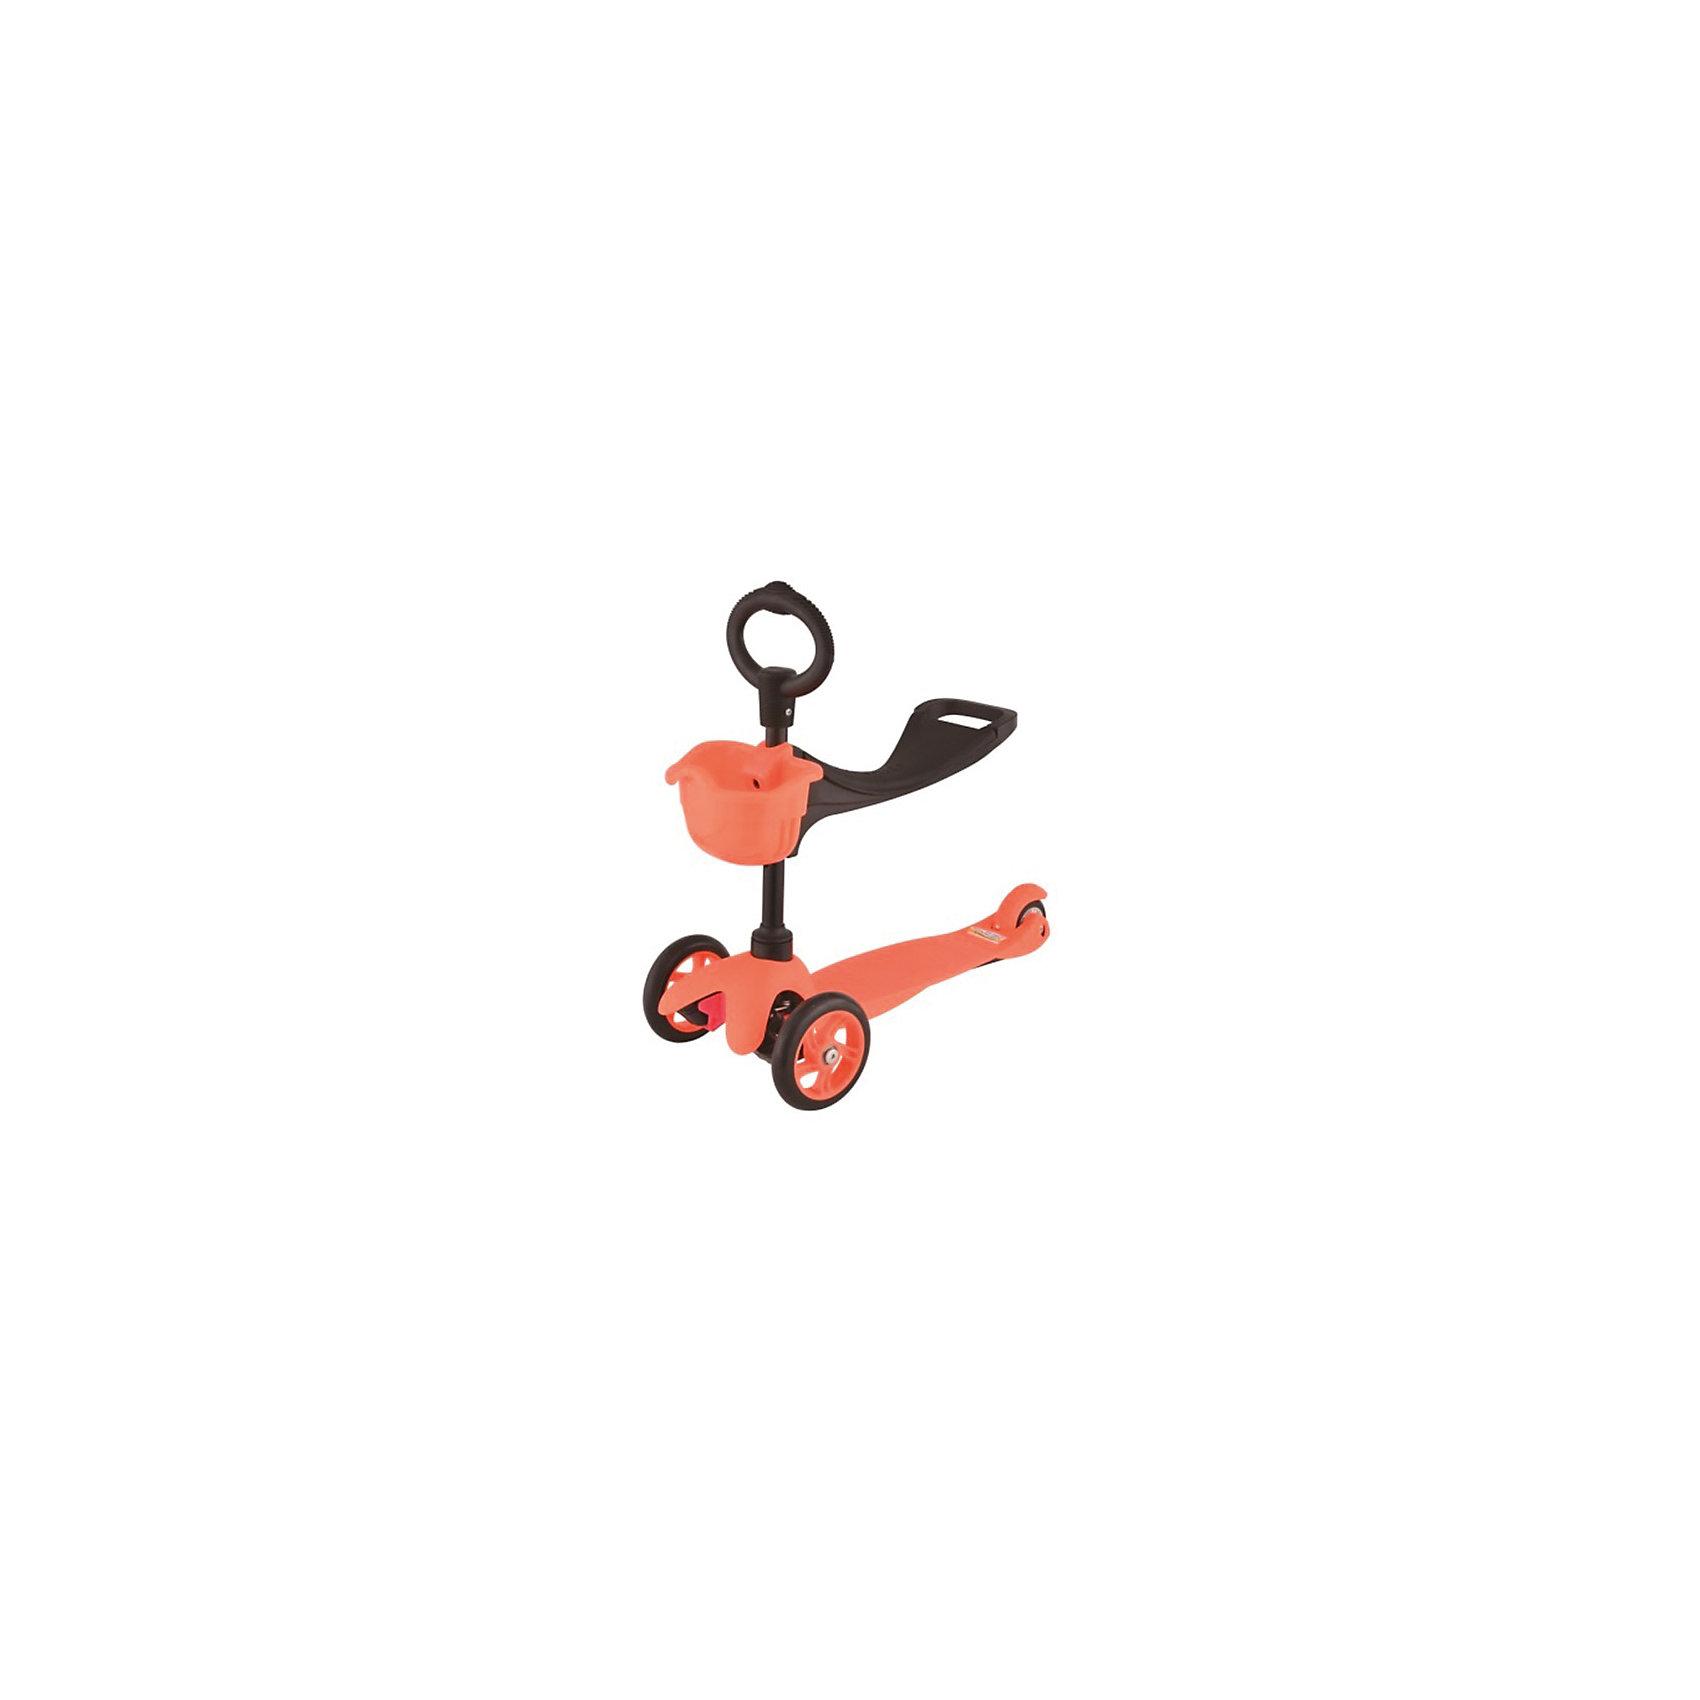 Самокат 3-х колёсный с сидением Maxi Scooter, оранжевый, 21st scooTerСамокаты<br>21scooter MaxiScooter (SKL-06B) - детский трехколесный самокат со съемным седлом и корзинкой. Самокаты серии micro от фирмы 21st scooter - это самокаты нового поколения. Они имеют улучшенную конструкцию и более высокие технические показатели.Ребенок сидит на сиденье и продвигается вперед, отталкиваясь ножками, точно так же, как на беговеле или машине-каталке. К тому же, сидение можно регулировать по высоте под рост ребенка в 2-х положениях. Как только ребенок почувствует себя более уверенно на ногах, самокат можно использовать как обычный с низкой О-образной ручкой.Размер платформы: 52 x 11 см.Диаметр передних колес: 12.5 см.Диаметр заднего колеса: 8 см.Тип подшипников: Abec-7.Максимальная нагрузка на платформу: 30 кг.Максимальная нагрузка на сиденье: 20 кг.<br>Высота руля: 67 см<br><br>Ширина мм: 610<br>Глубина мм: 450<br>Высота мм: 390<br>Вес г: 3100<br>Возраст от месяцев: 24<br>Возраст до месяцев: 2147483647<br>Пол: Унисекс<br>Возраст: Детский<br>SKU: 5475701